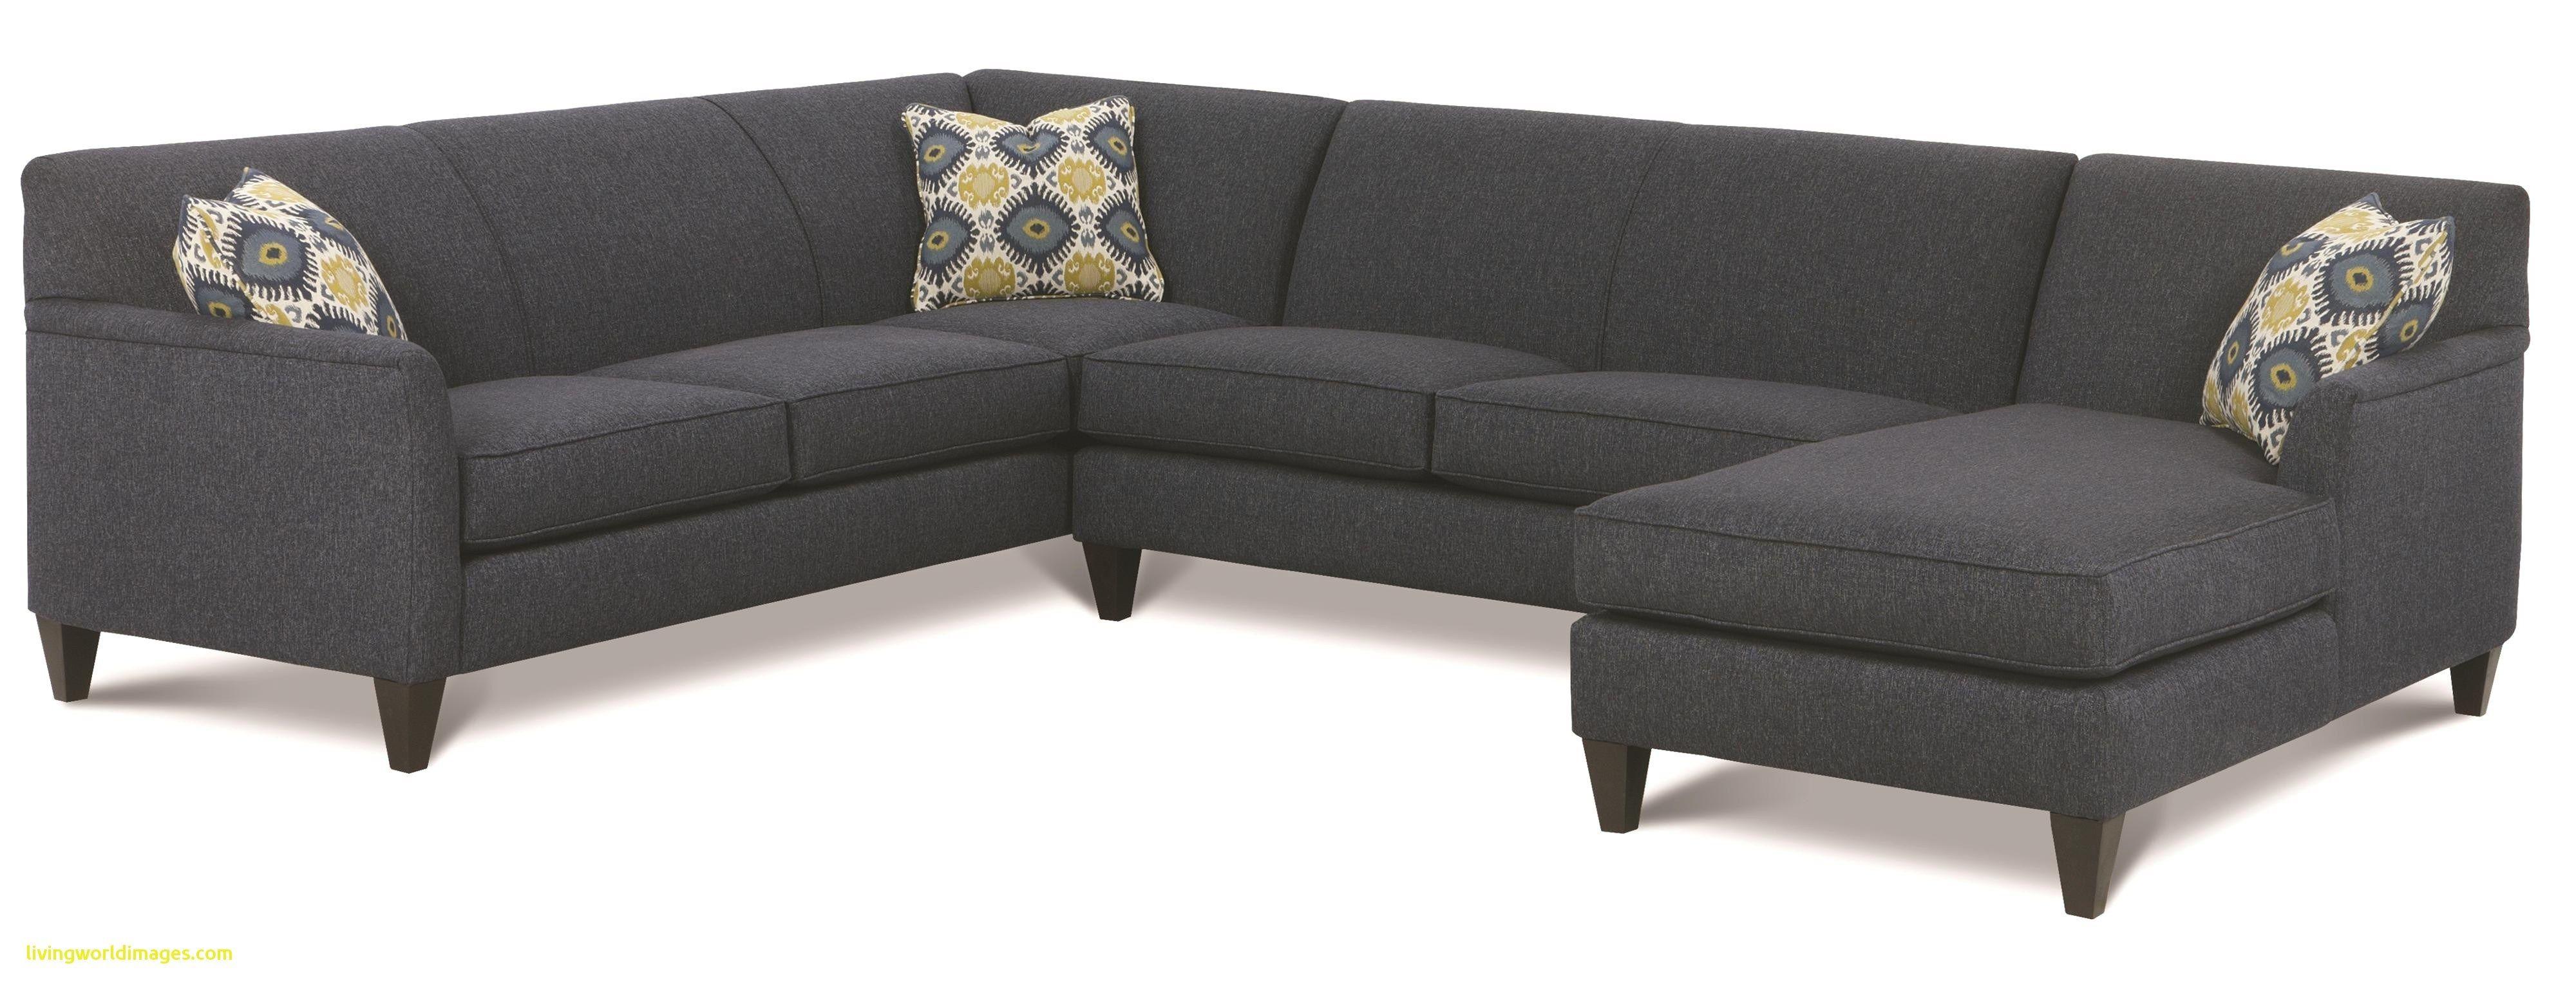 22 Neue Leder Sofa Mit Chaiselongue Schnittbilder Ecksofas Ecksofa Schlaffunktion Sofa Design